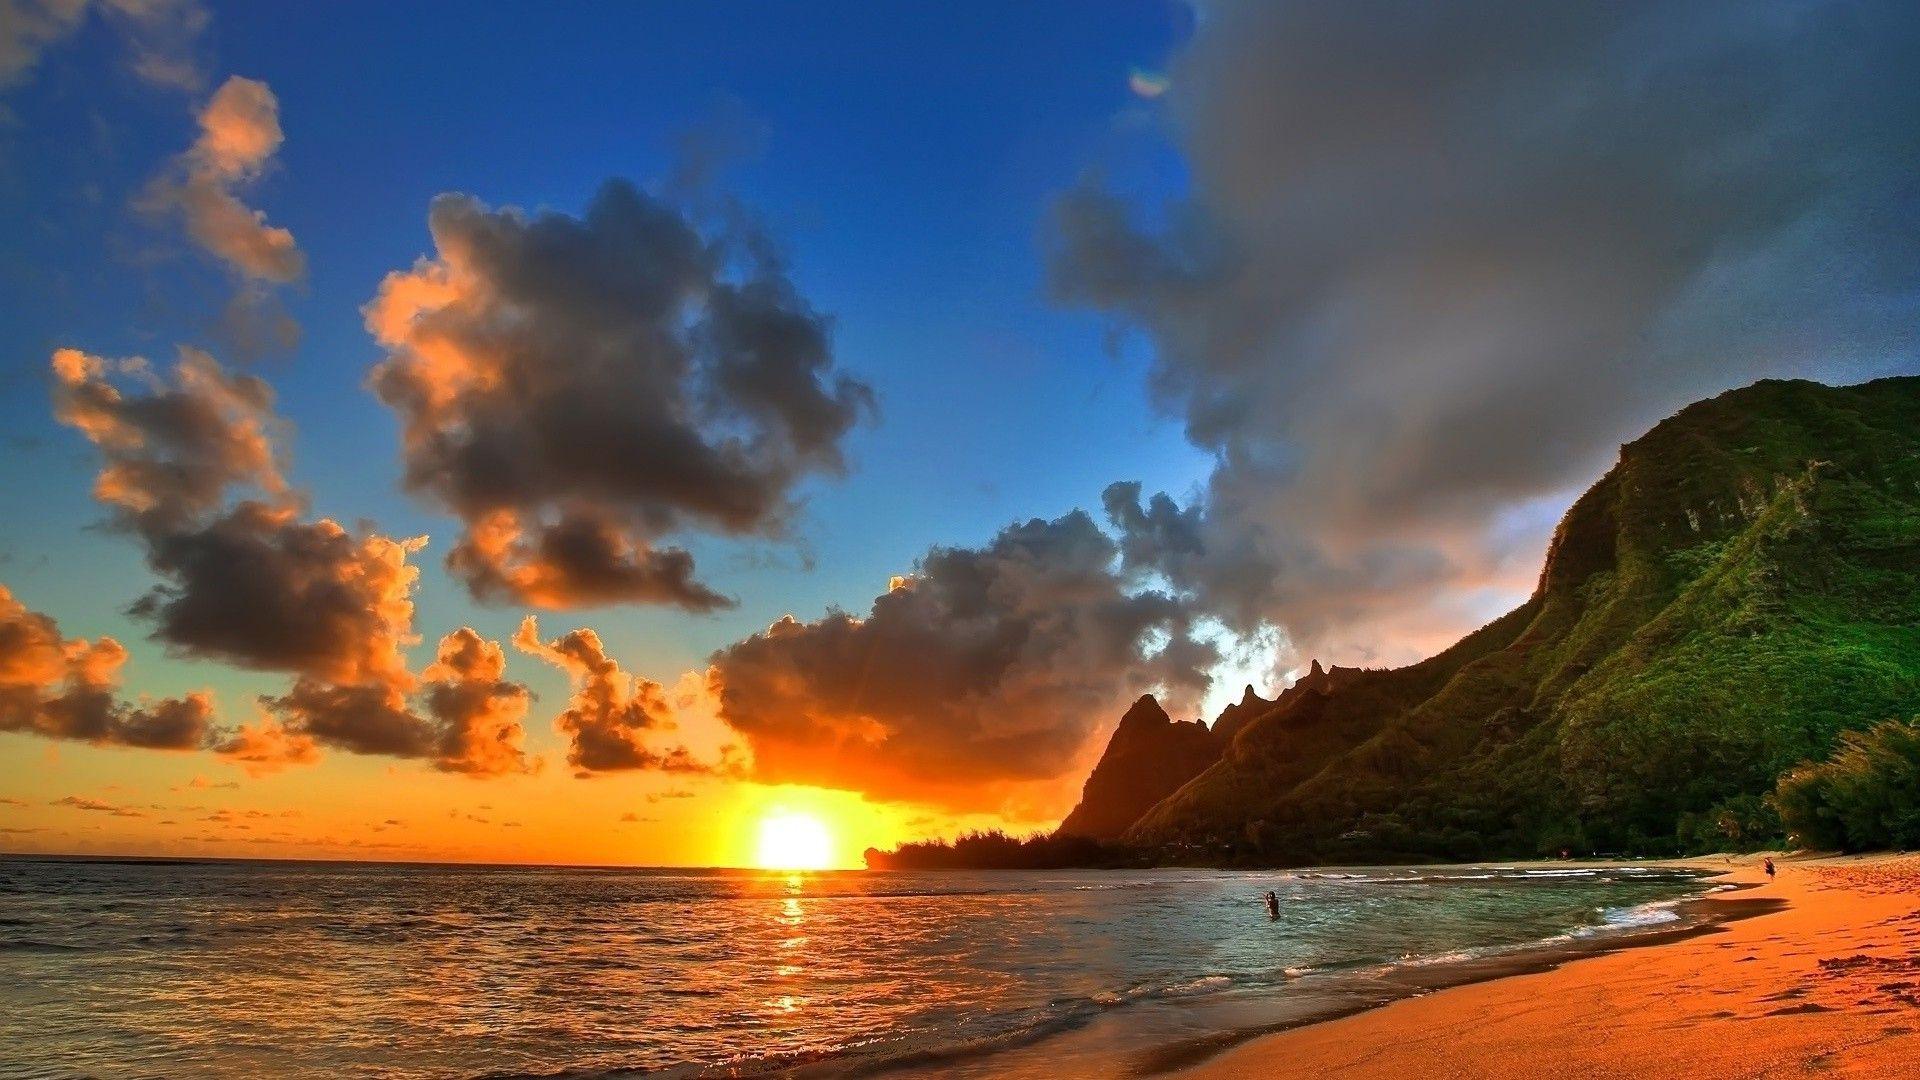 Beach Sunset Hd Desktop Wallpaper Beach Sunset Wallpaper Hawaii Beaches Sunset Wallpaper